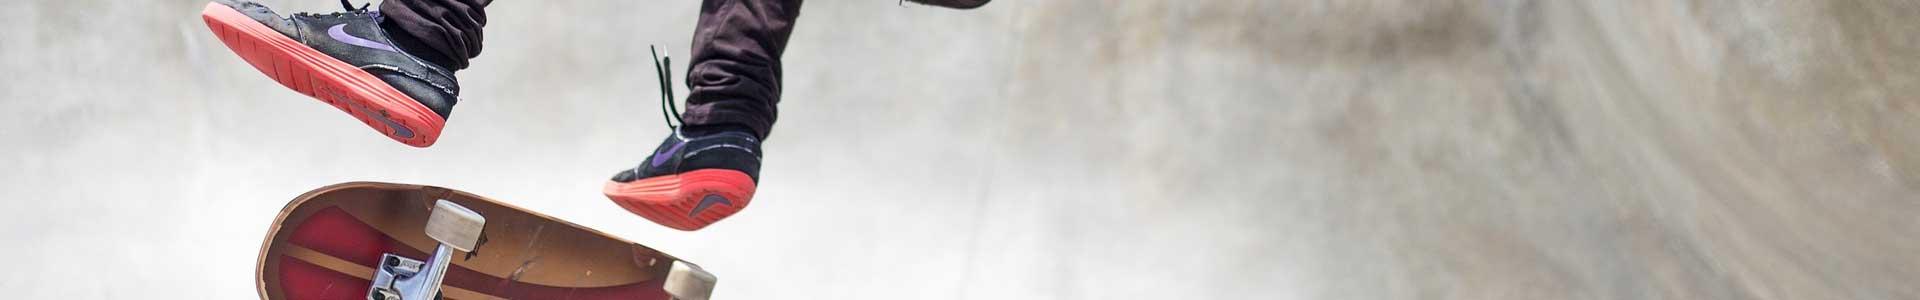 Skaten-Test